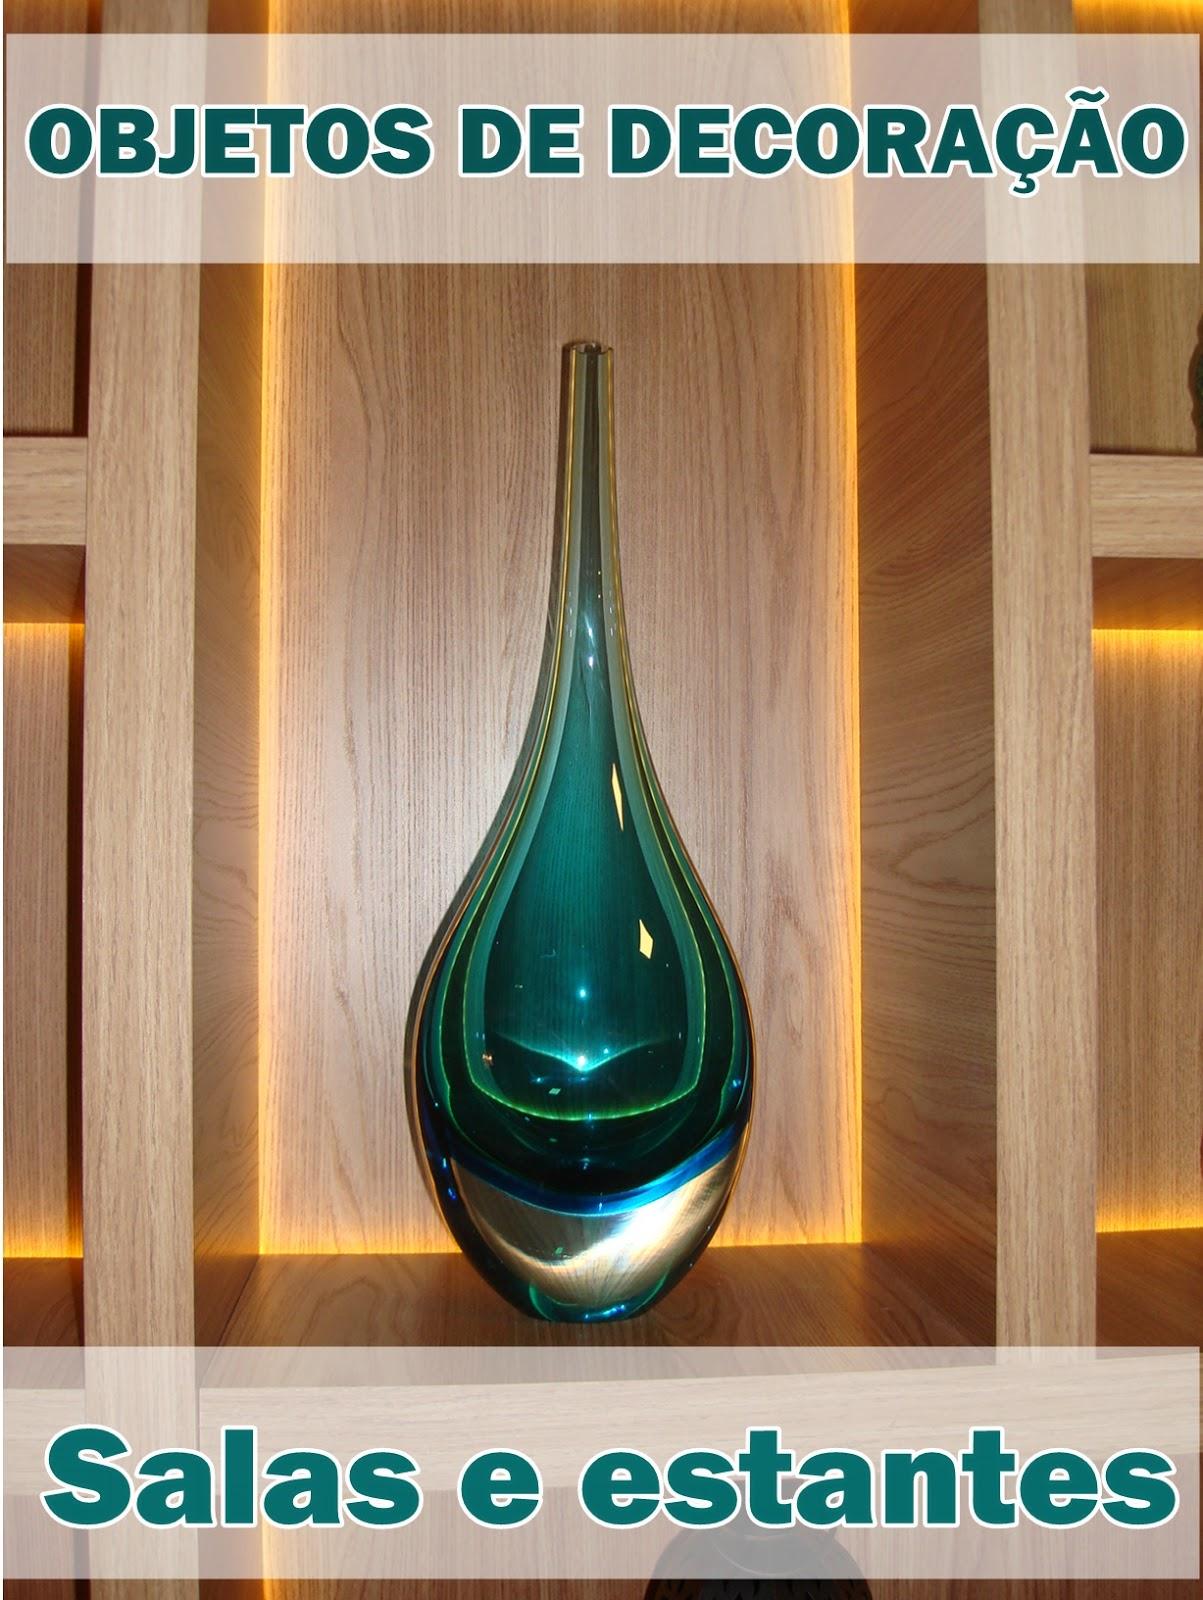 Objetos de decora o para salas e estantes jeito de for Objetos decorativos para salon